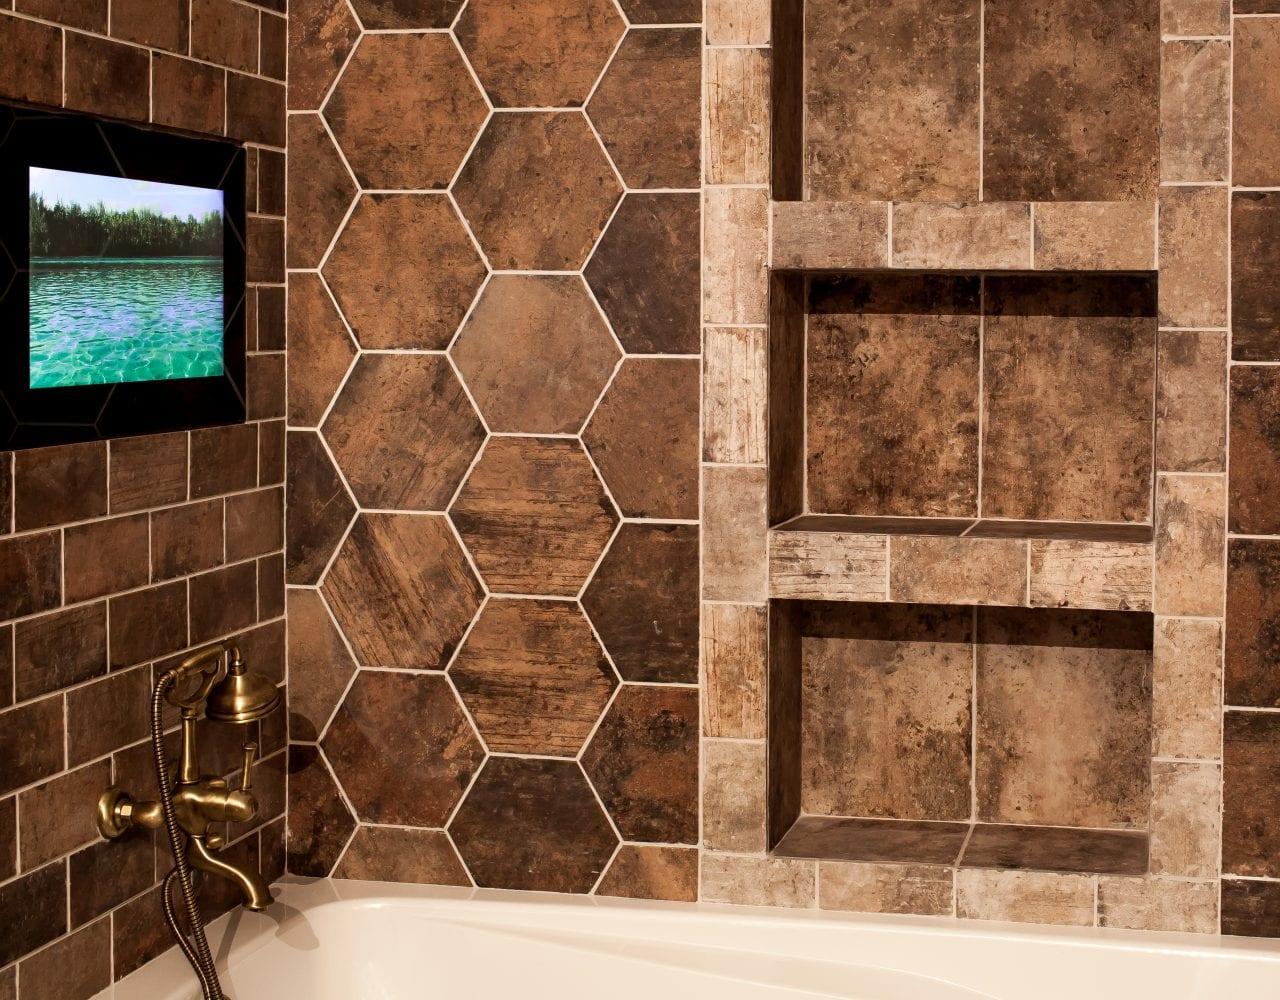 Влагостойкий дизайнерский телевизор в черном стекле для ванной комнаты